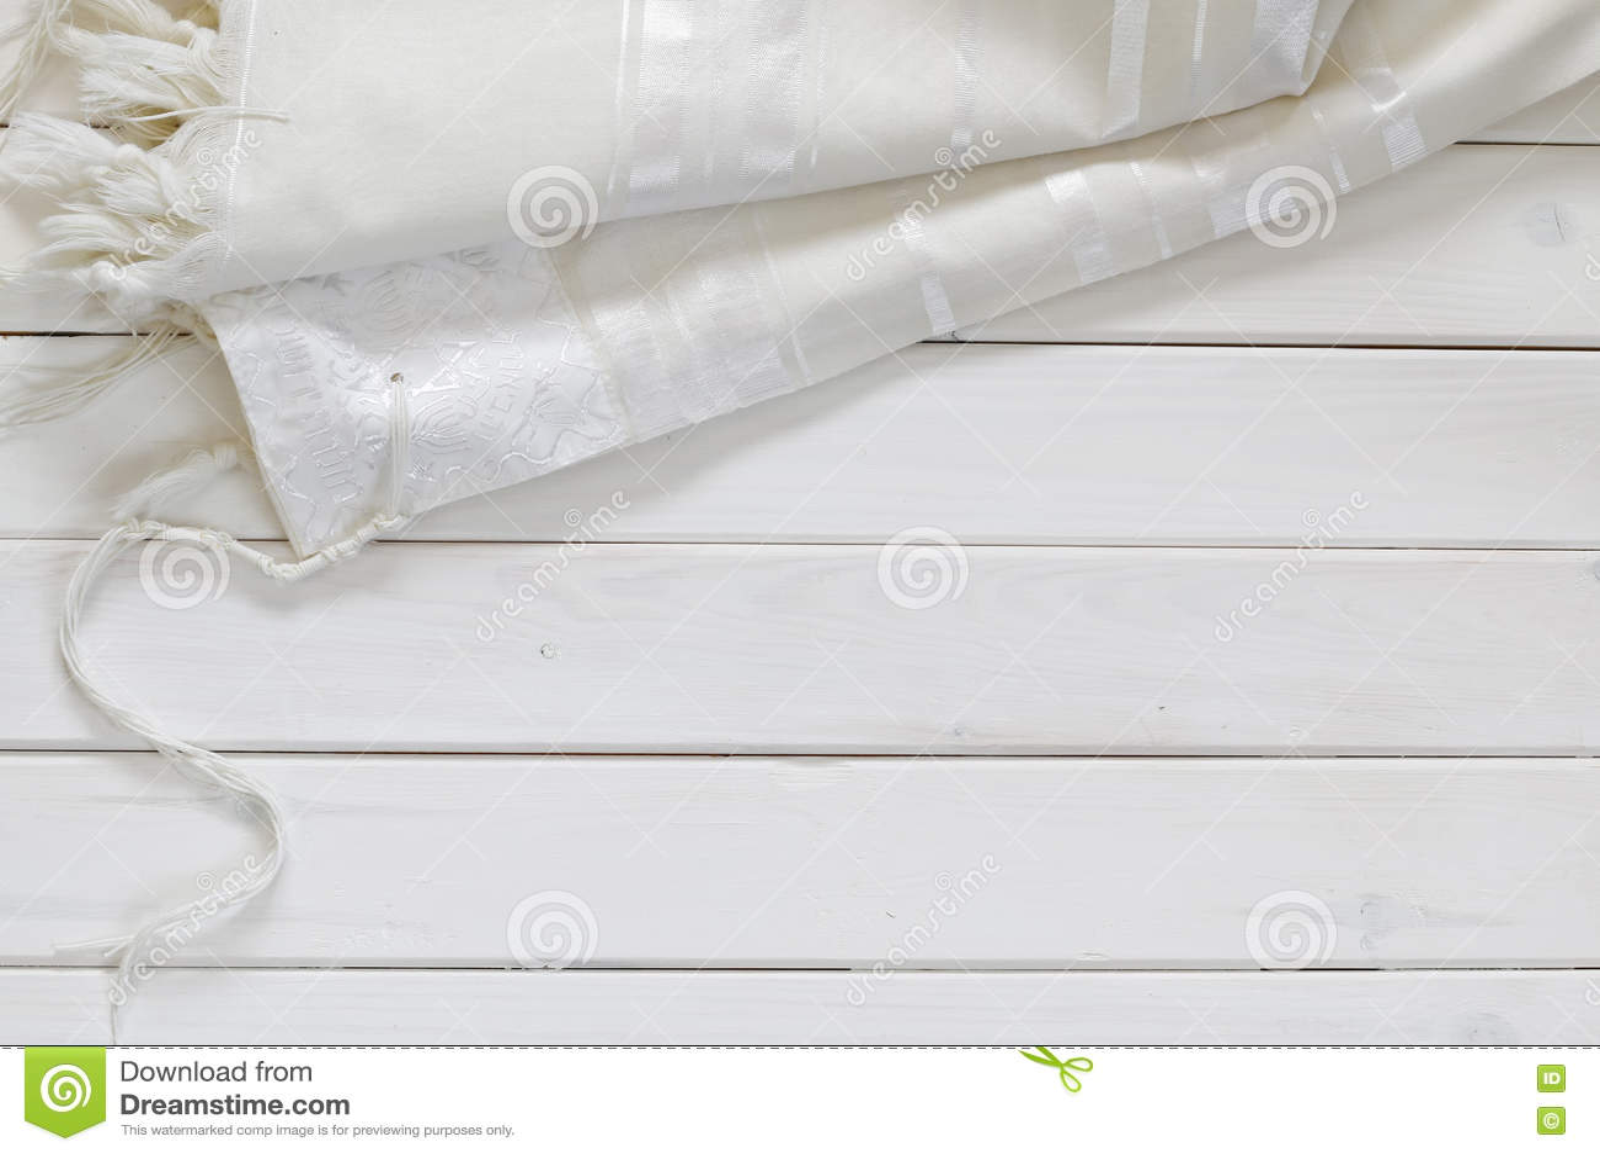 Άσπρο σάλι προσευχής - Tallit, εβραϊκό θρησκευτικό σύμβολο